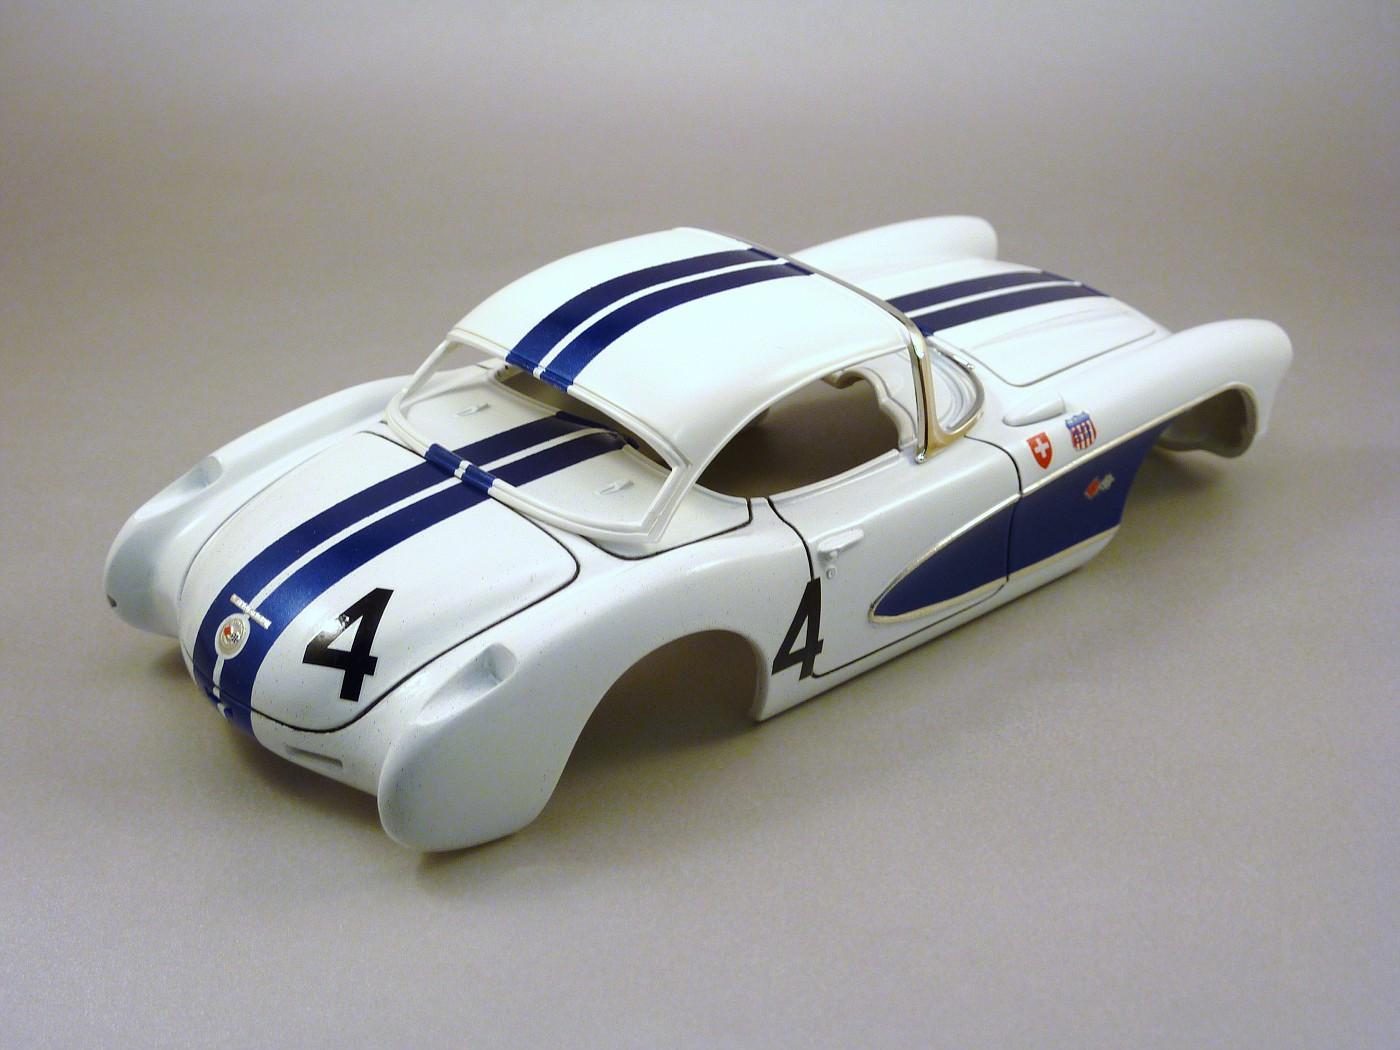 Corvette Sebring 57 terminée  Decosebring57002-vi